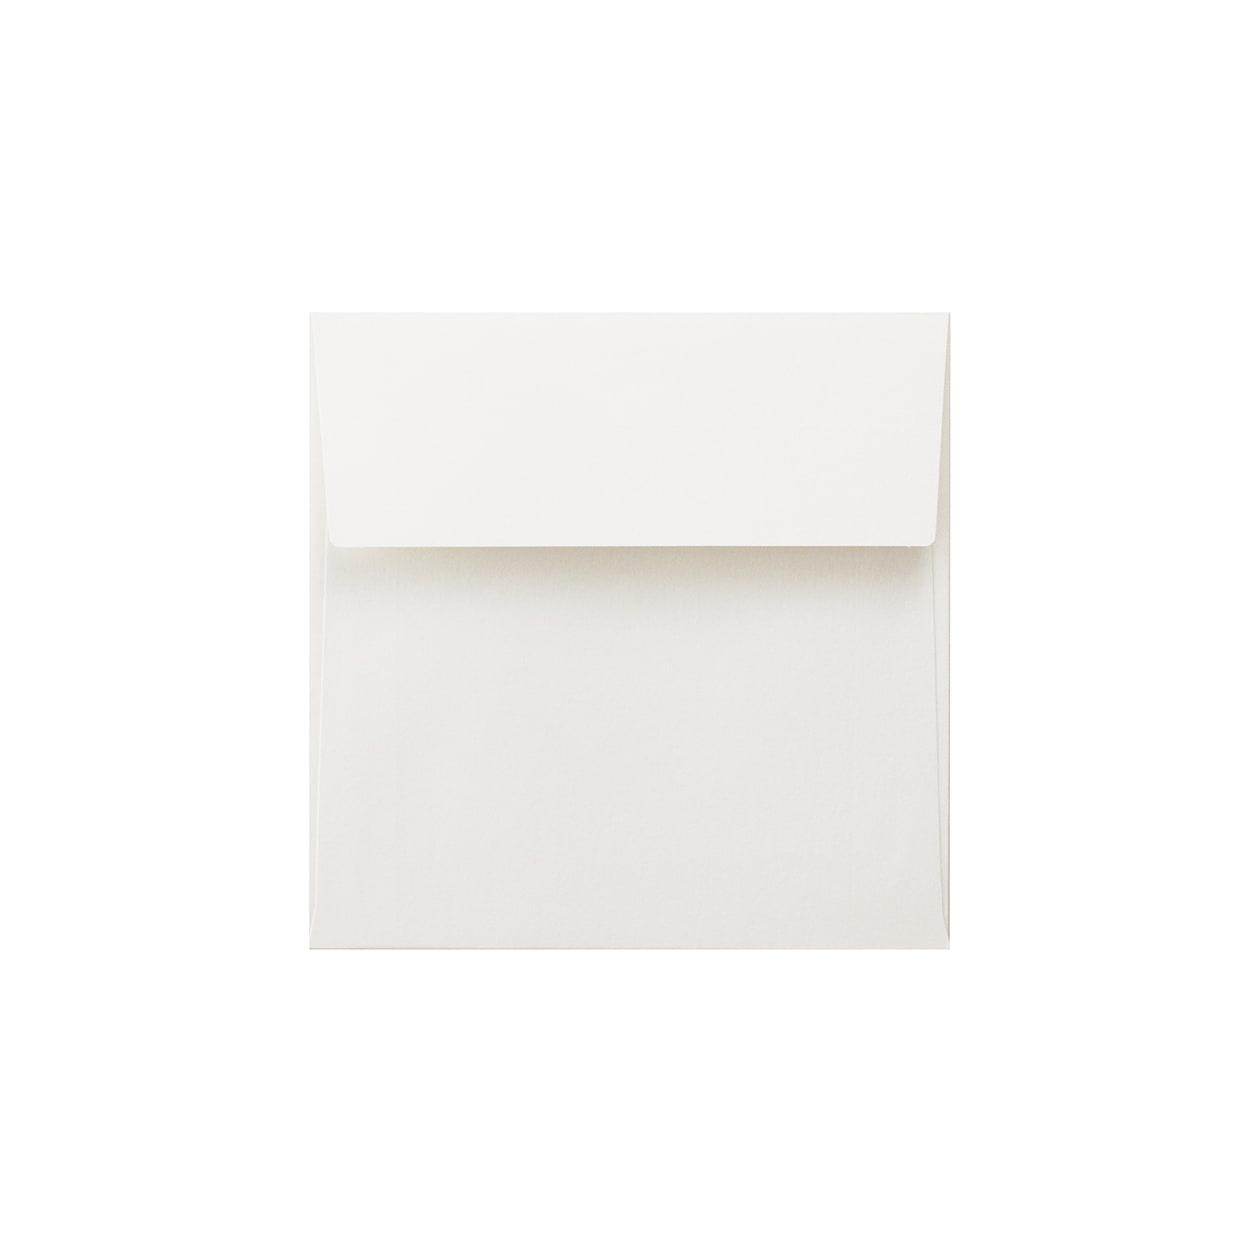 サンプル 封筒・袋 00092